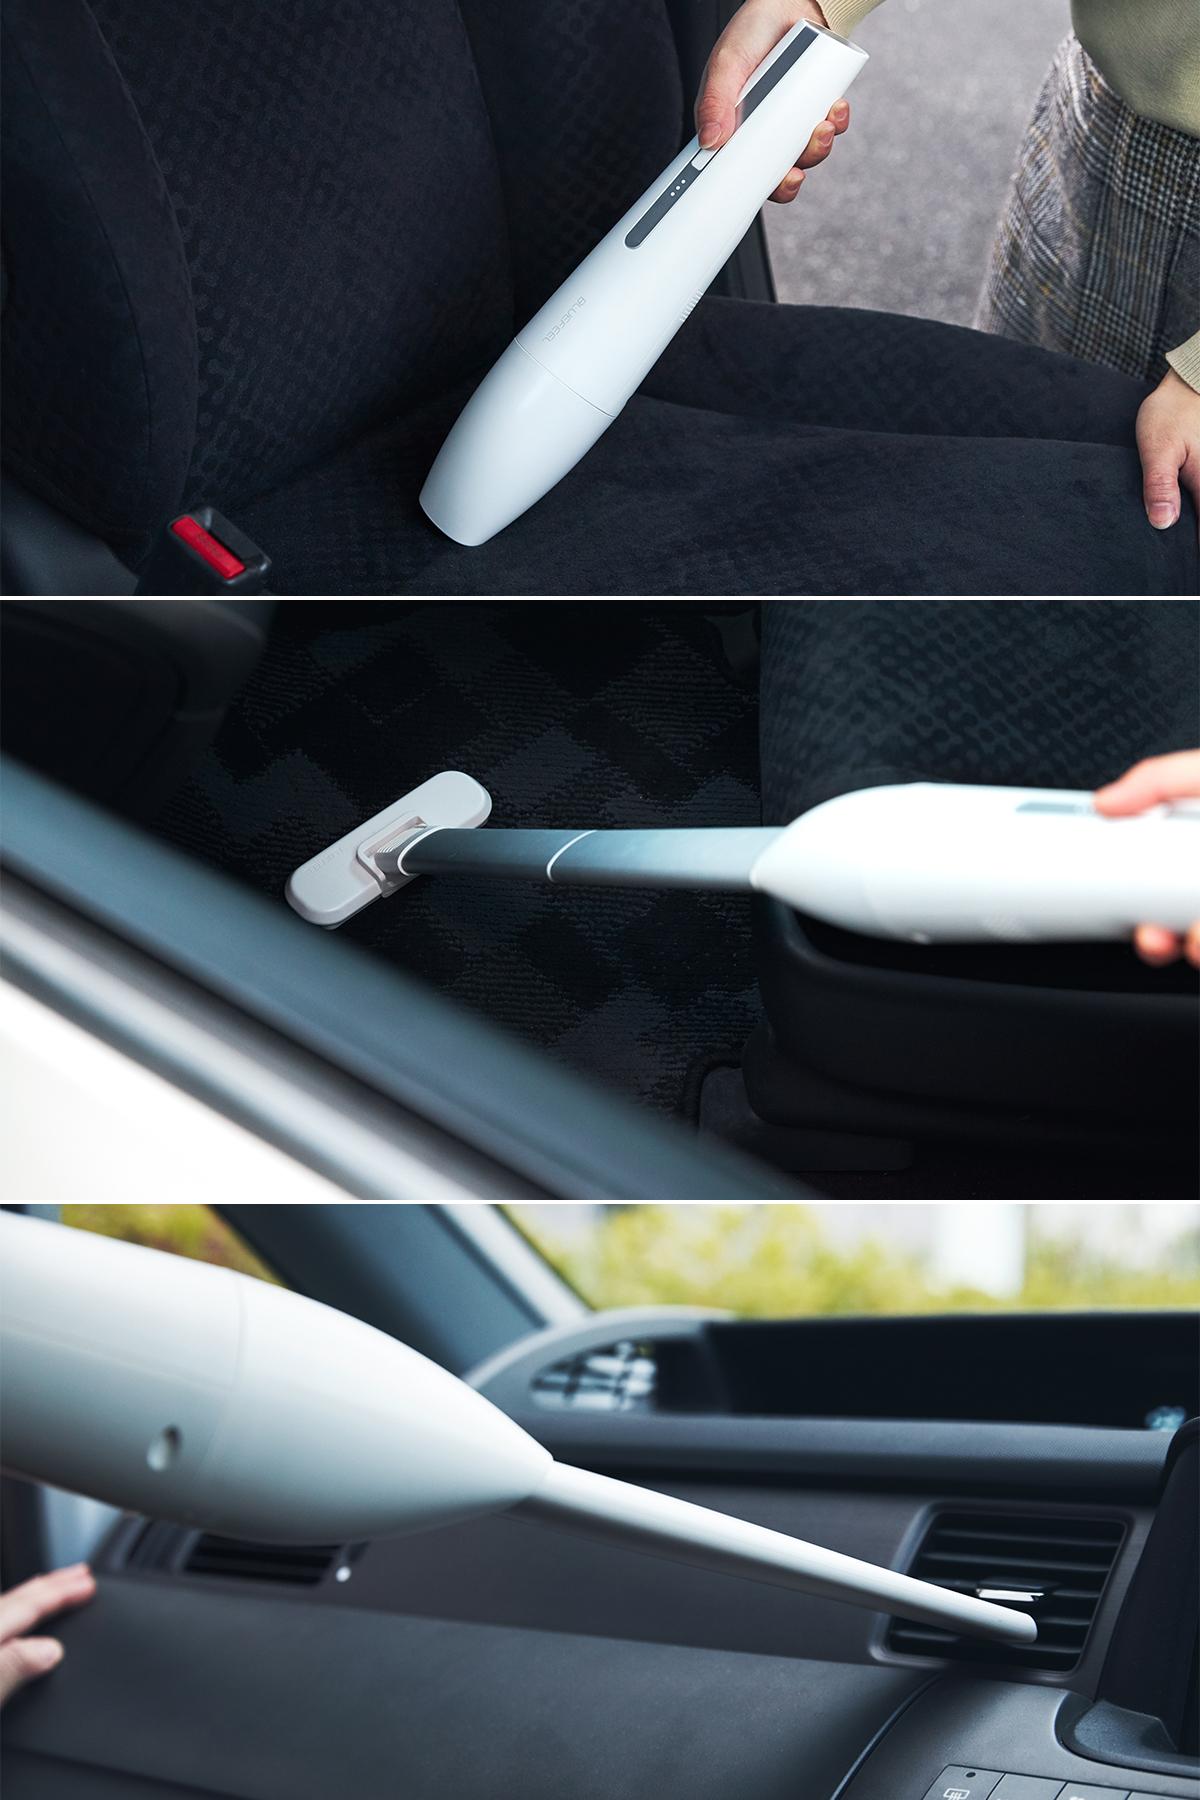 車の座席、足元、備え付けポケット、エアコン排気口など車の掃除にも大活躍。リビングに馴染むデザイン、ゴミに気づいたら即ハイパワーで吸引できる「ハンディクリーナー」|MONTANC(モンタン)